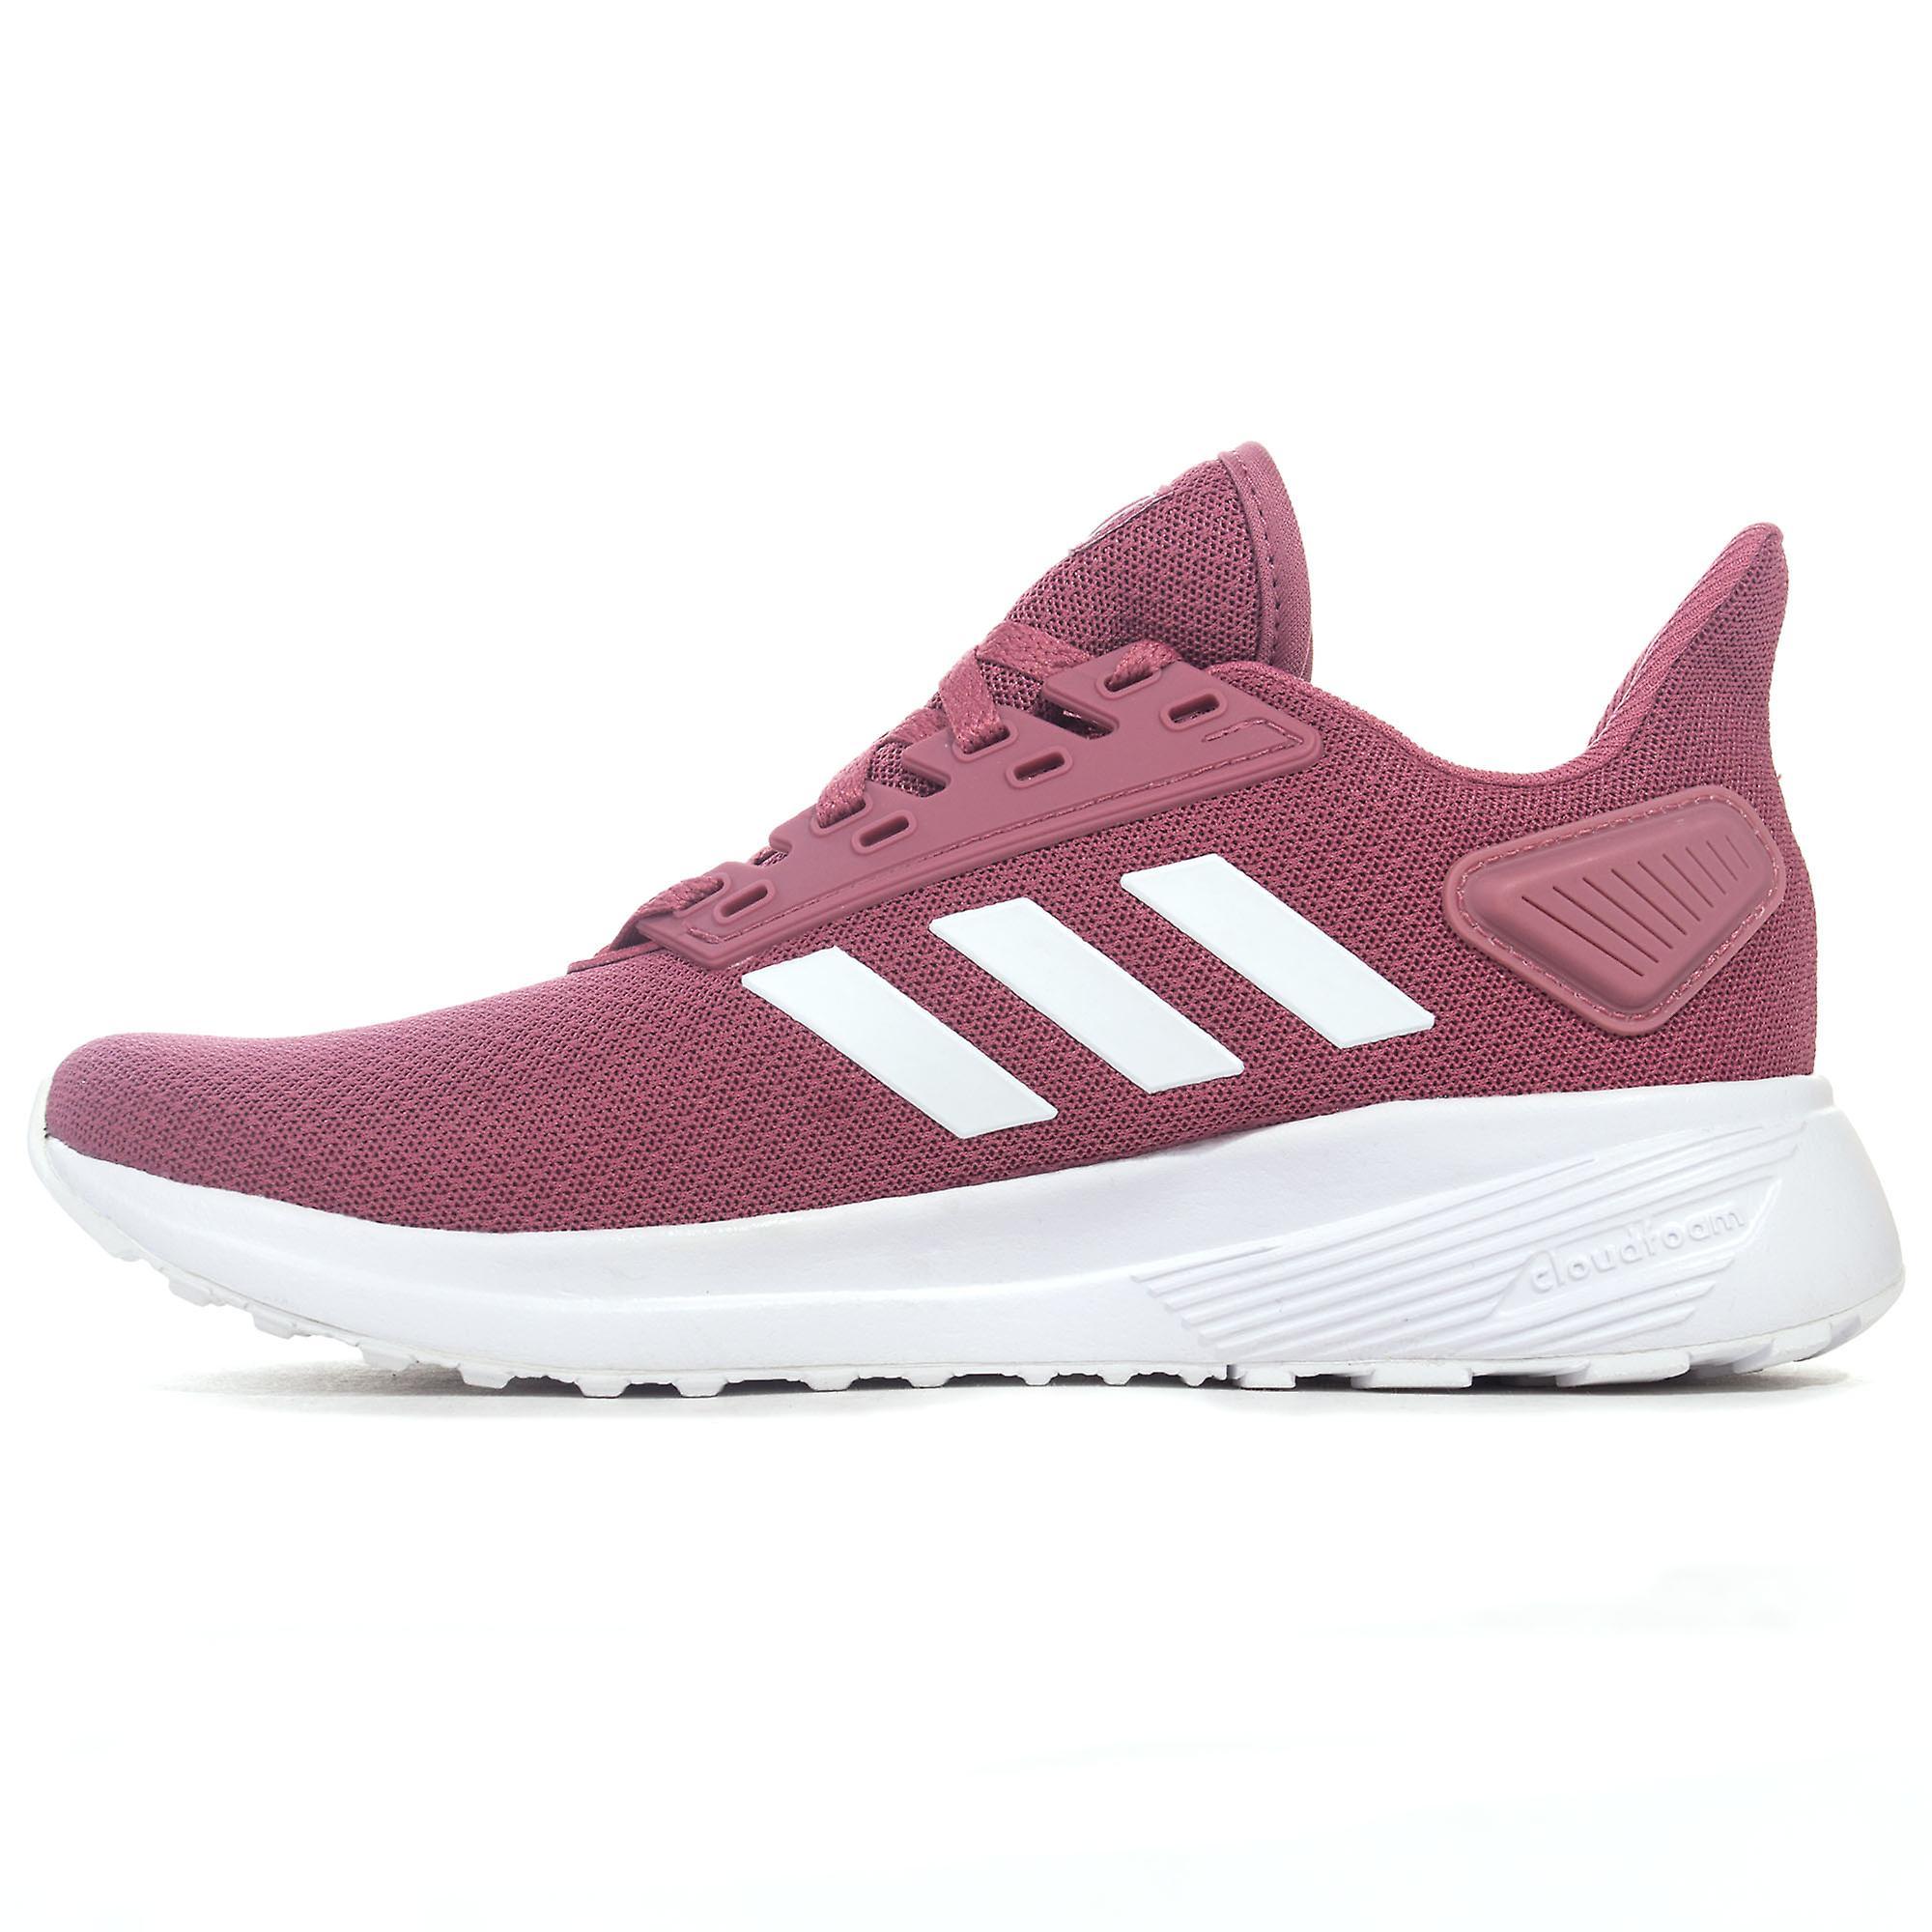 Adidas Duramo 9 kvinners nøytral kjører trener sko rosa